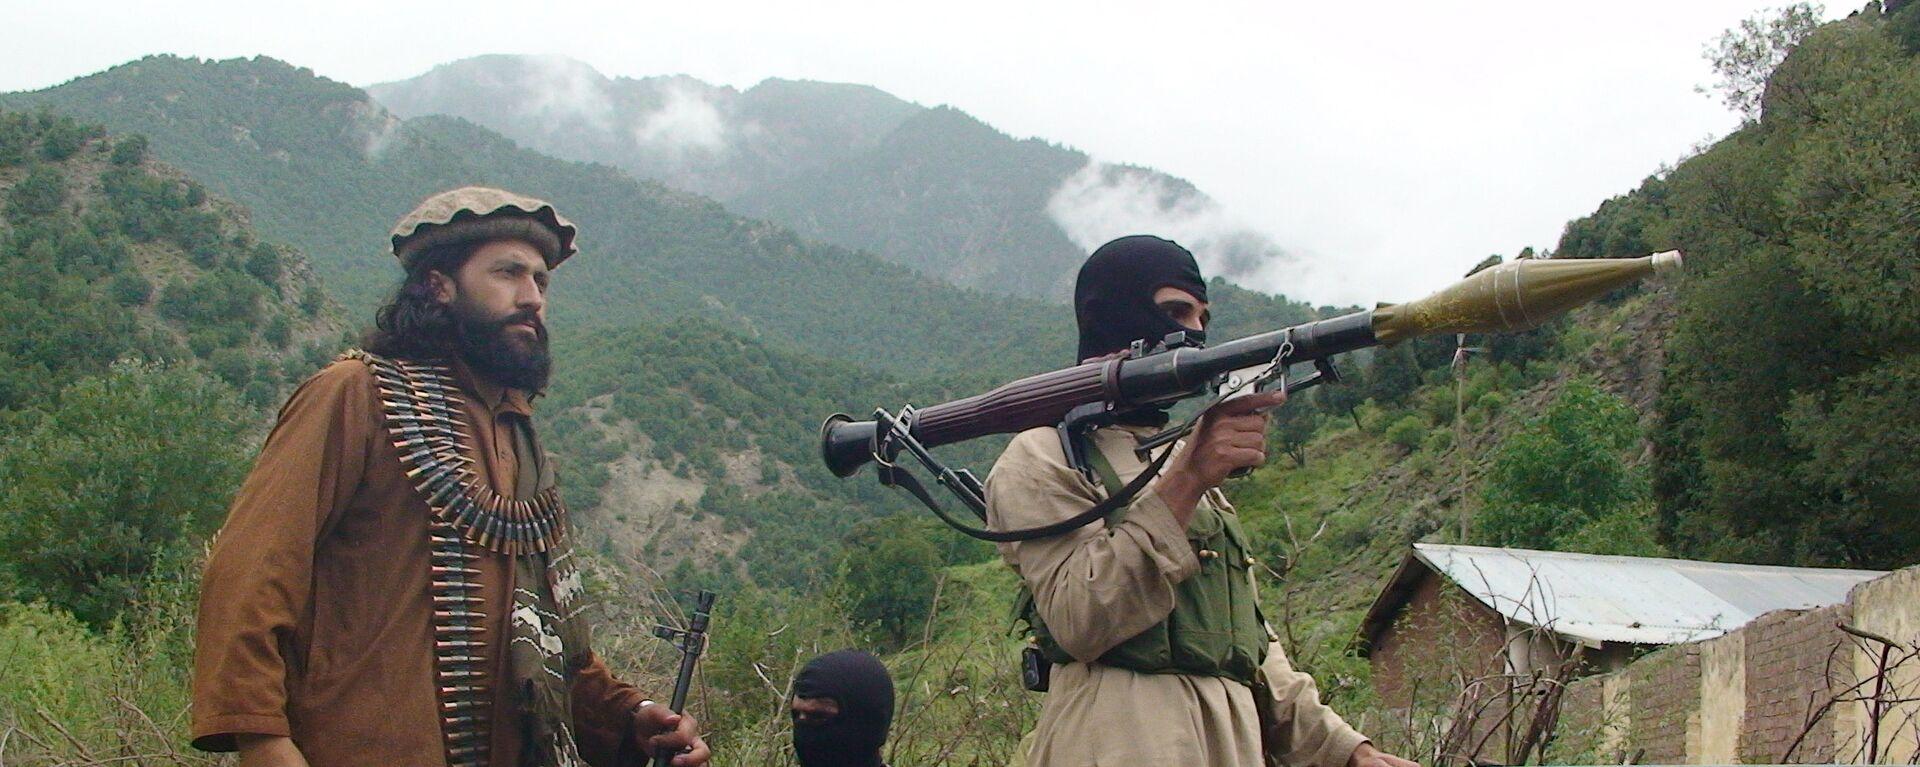 Członkowie ruchu Taliban w Południowym Waziristanie - Sputnik Polska, 1920, 10.07.2021